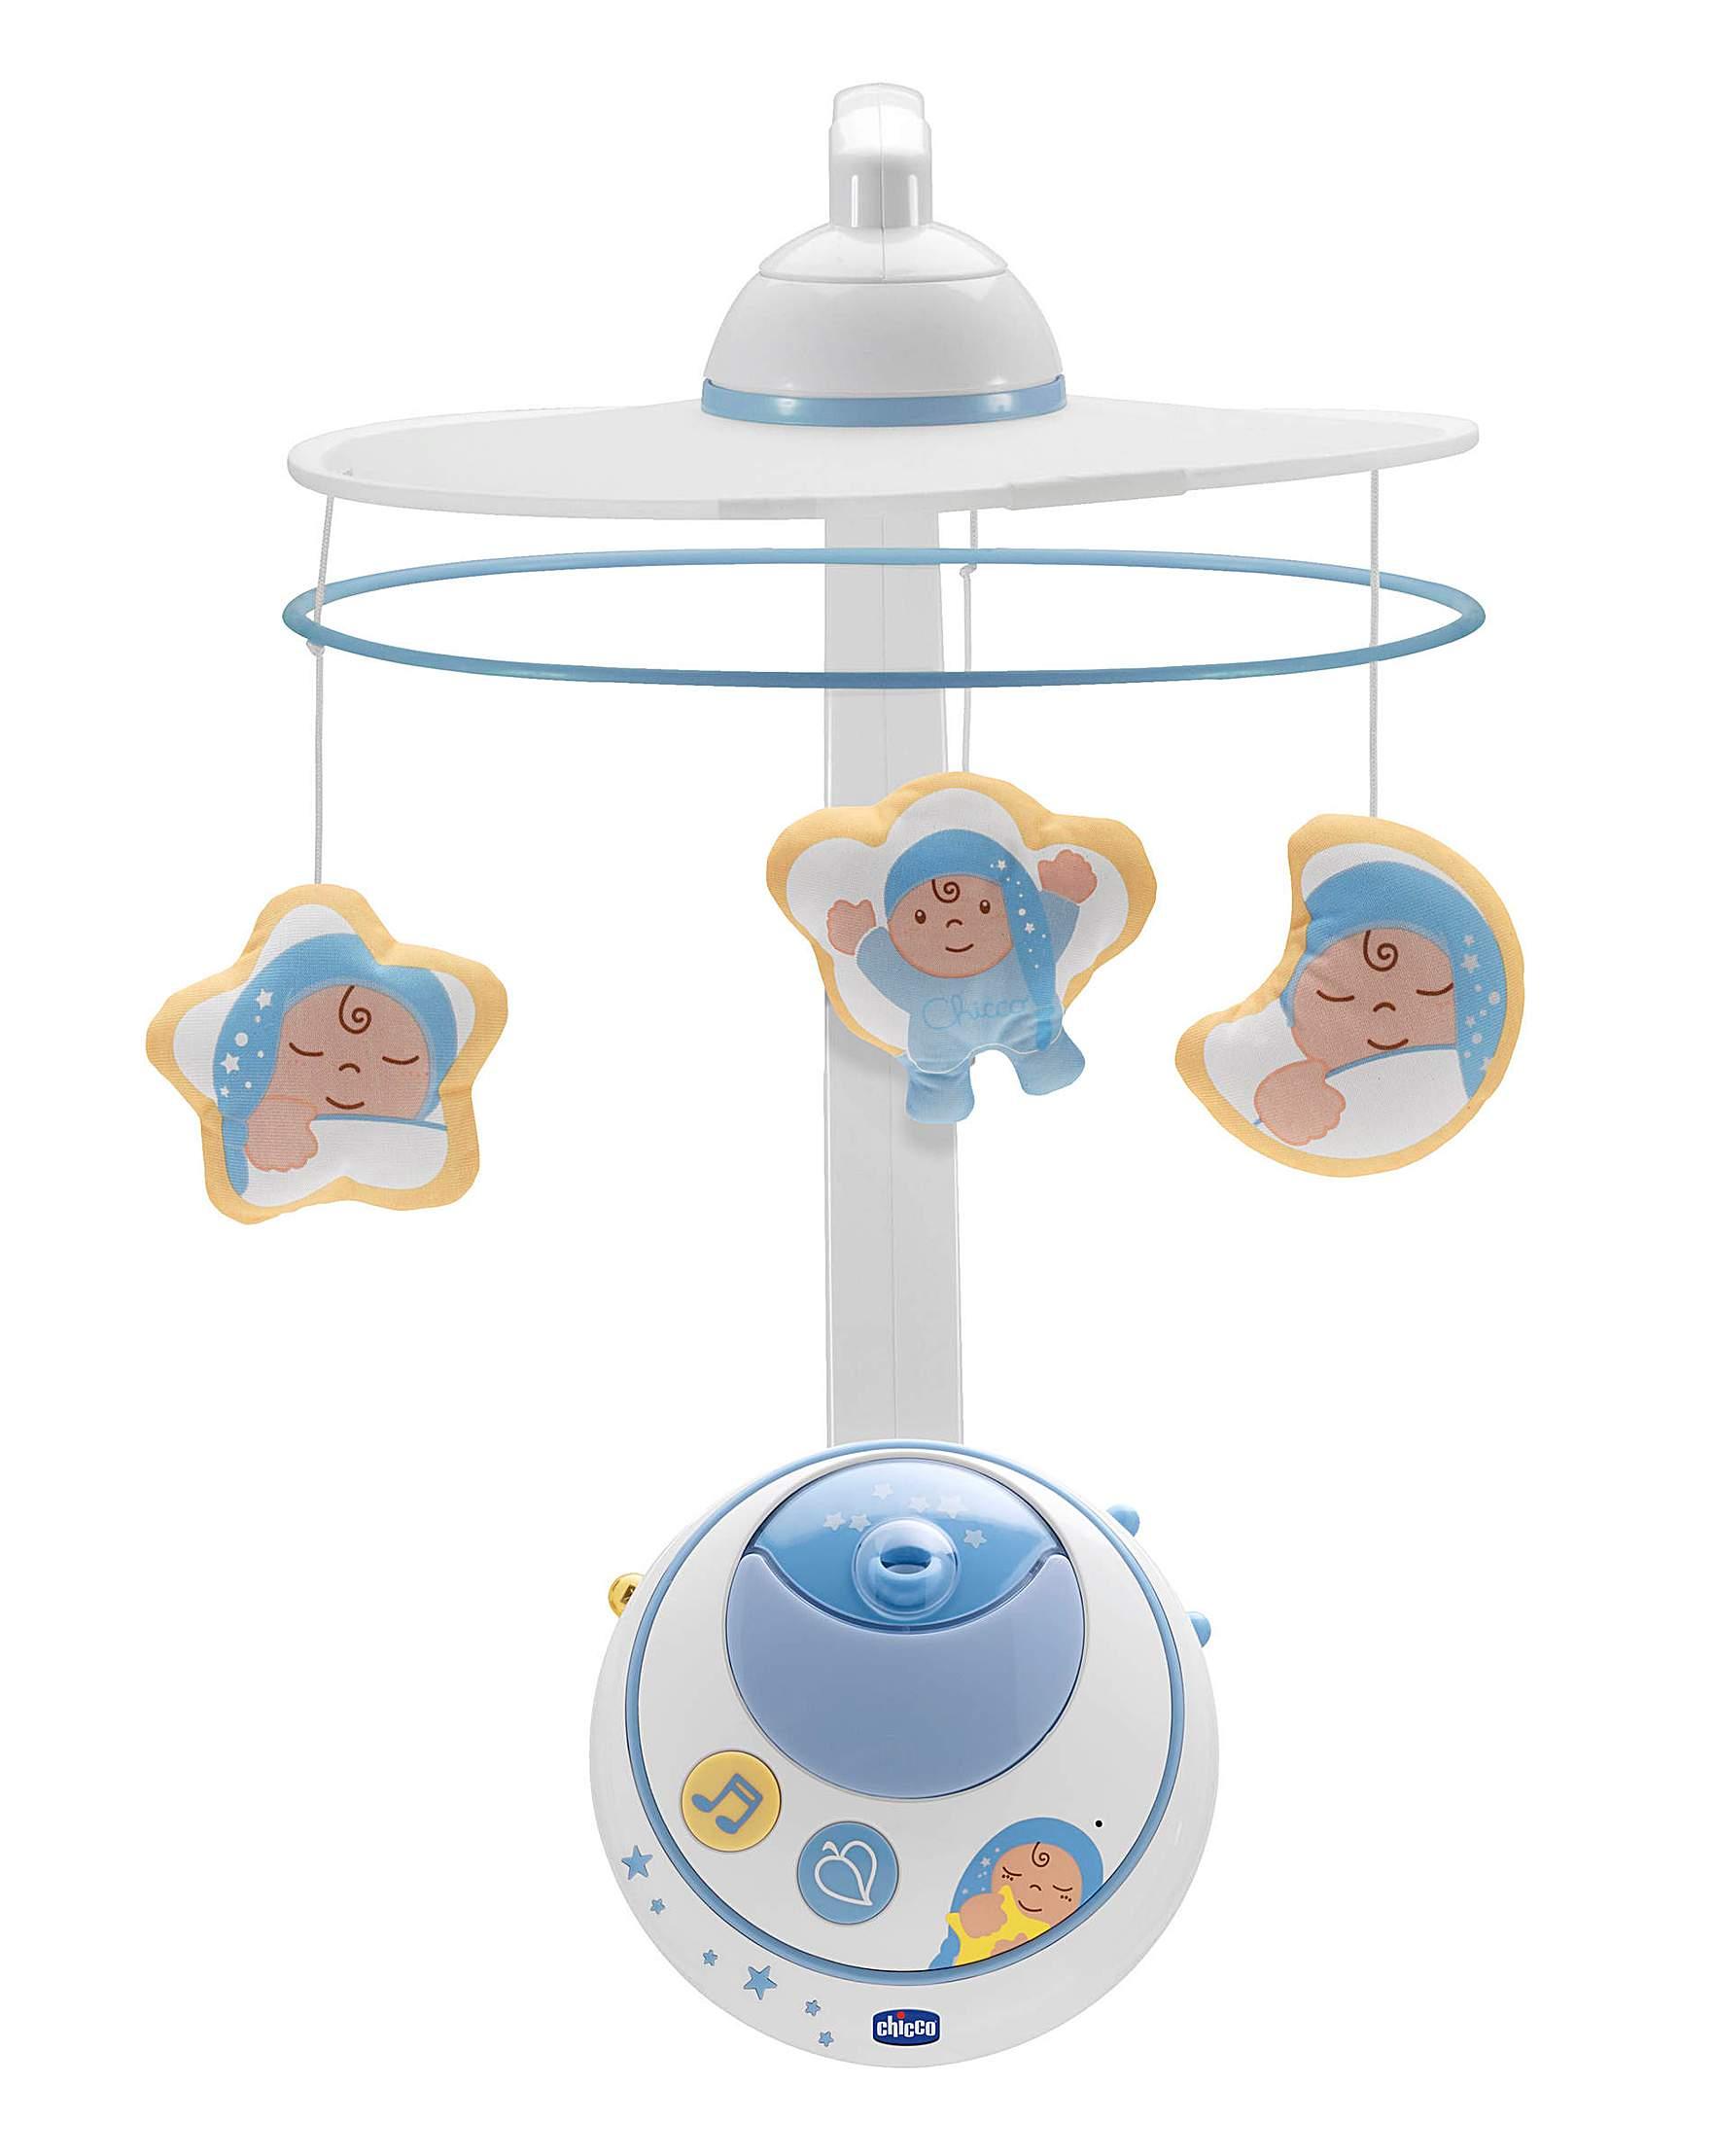 Купить Подвеска мобиль для кроватки - Волшебные звезды, голубая, на дистанционном управлении, Chicco